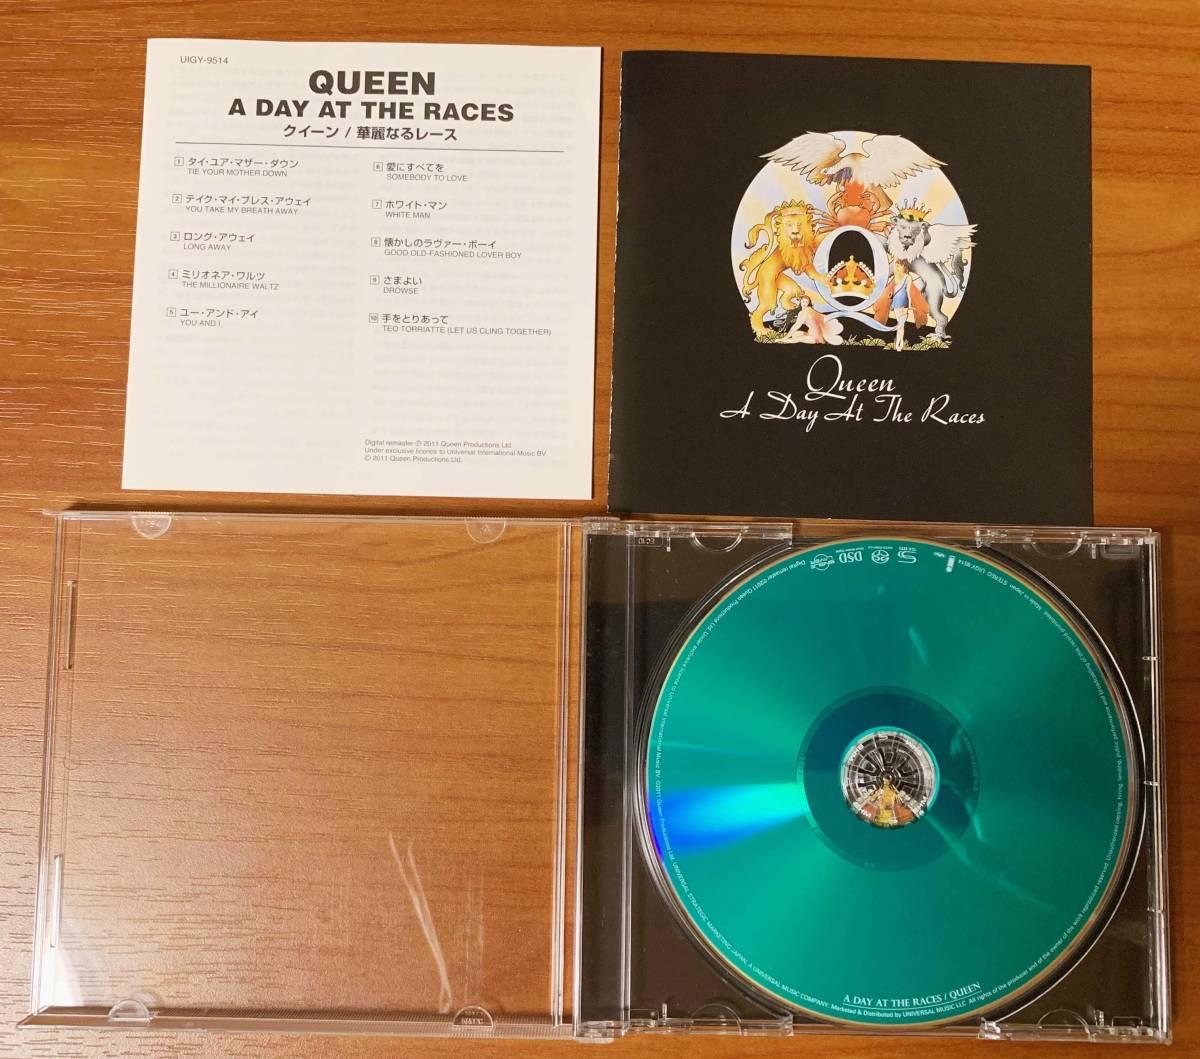 【希少品・廃盤】Queen クイーン 華麗なるレース UIGY-9514 【SACDシングルレイヤー盤】_画像2